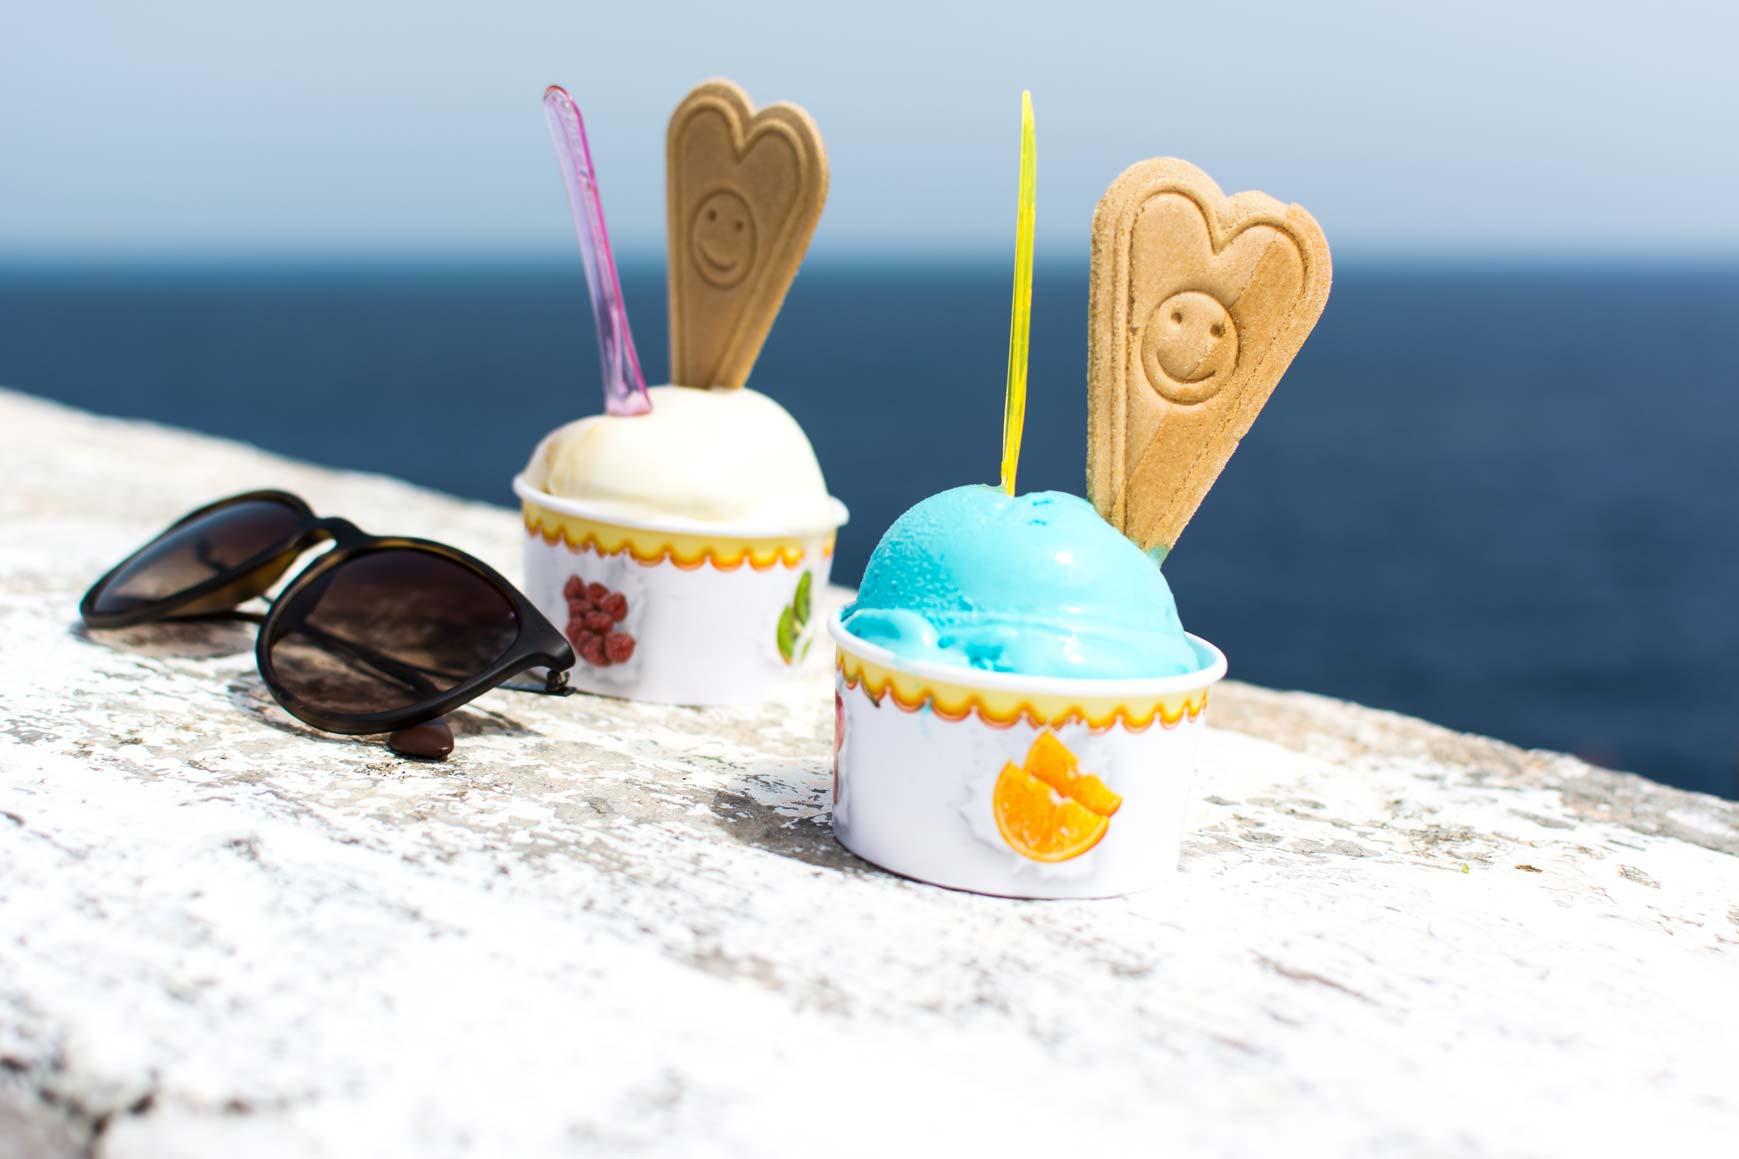 manger-des-glaces-à-la-noix-de-coco-pendant-son-régime